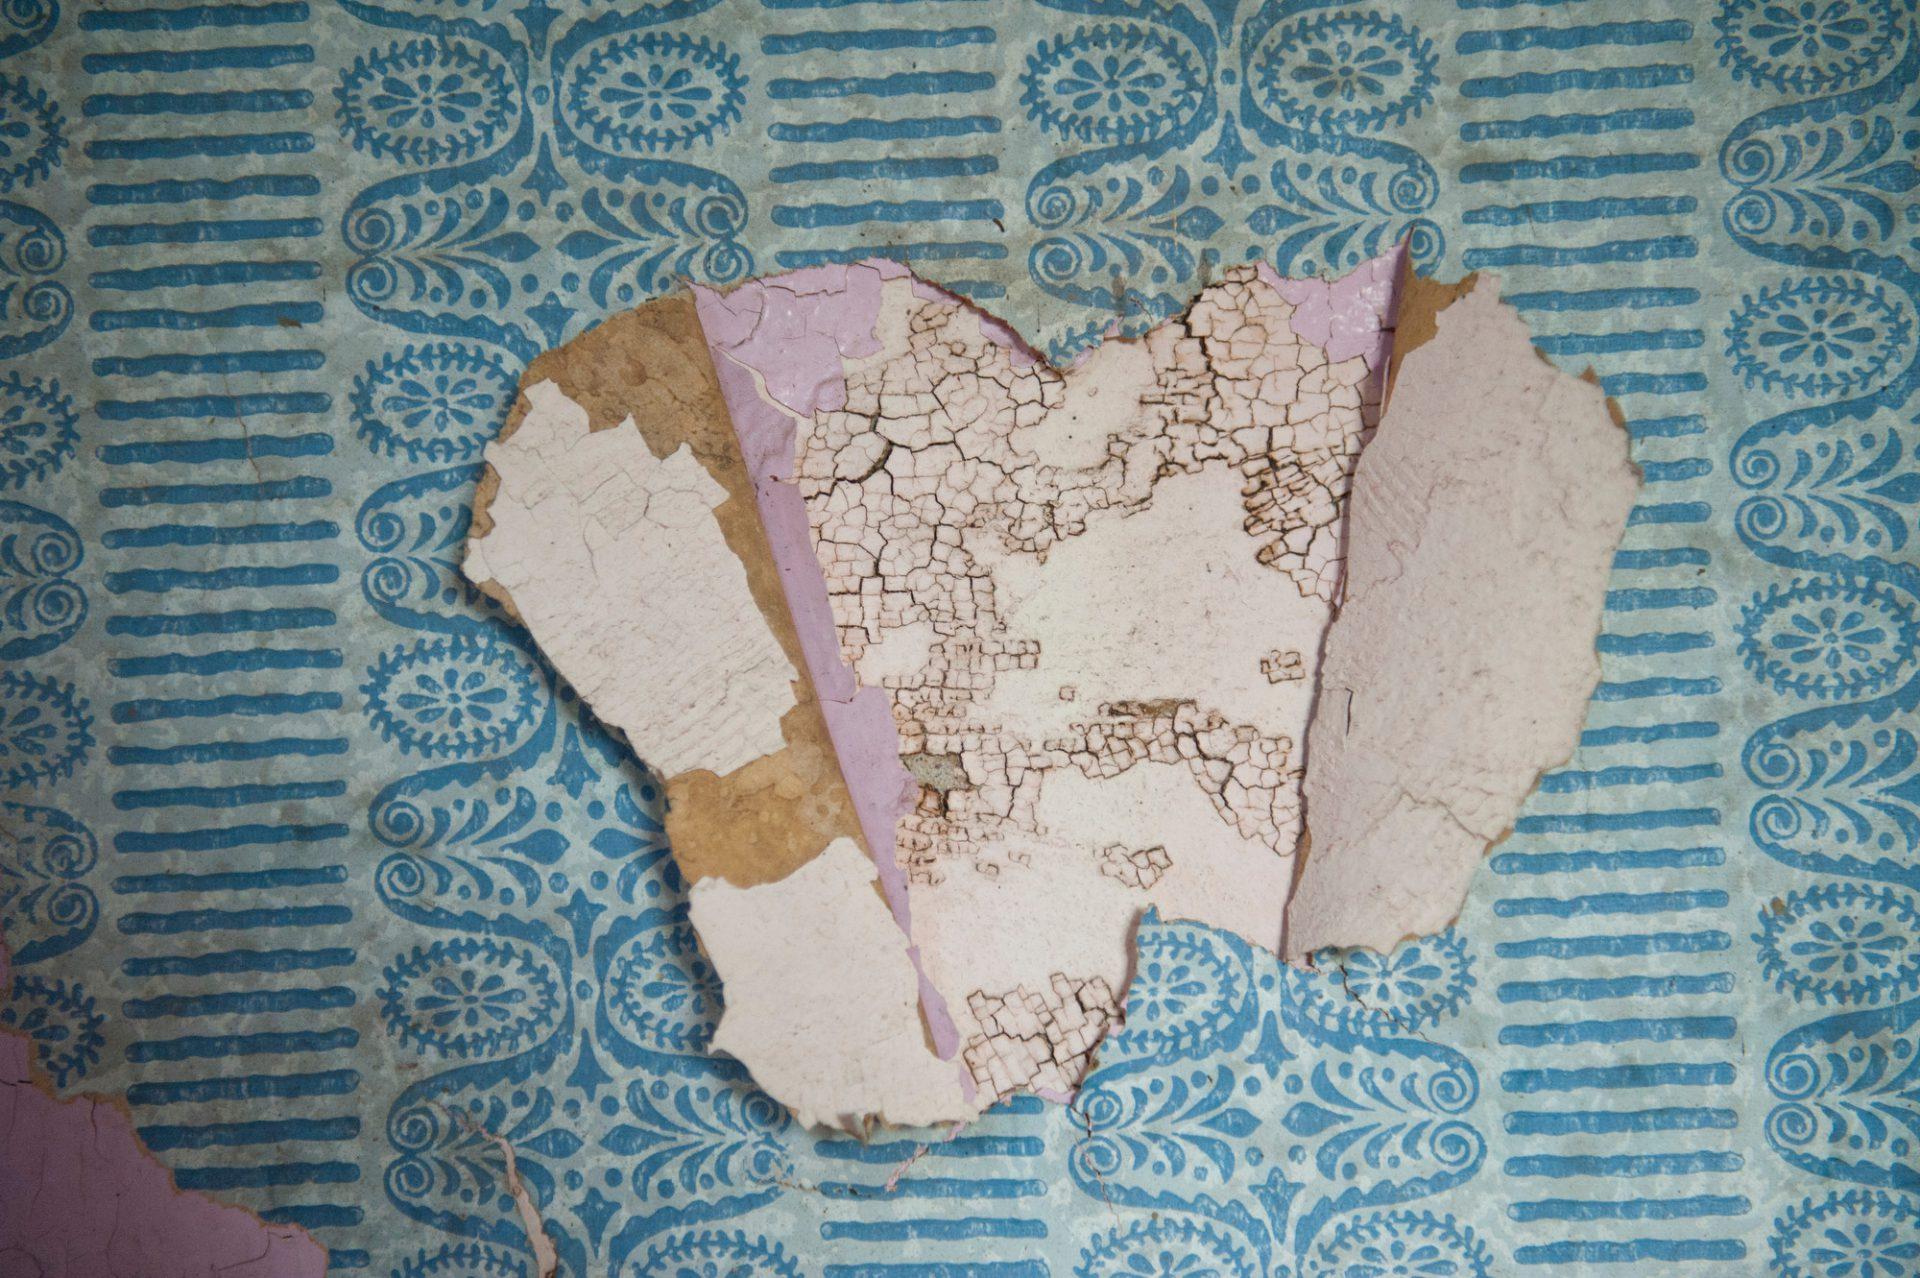 Photo: Wallpaper peels away from an abandoned house in Otoe County, Nebraska.